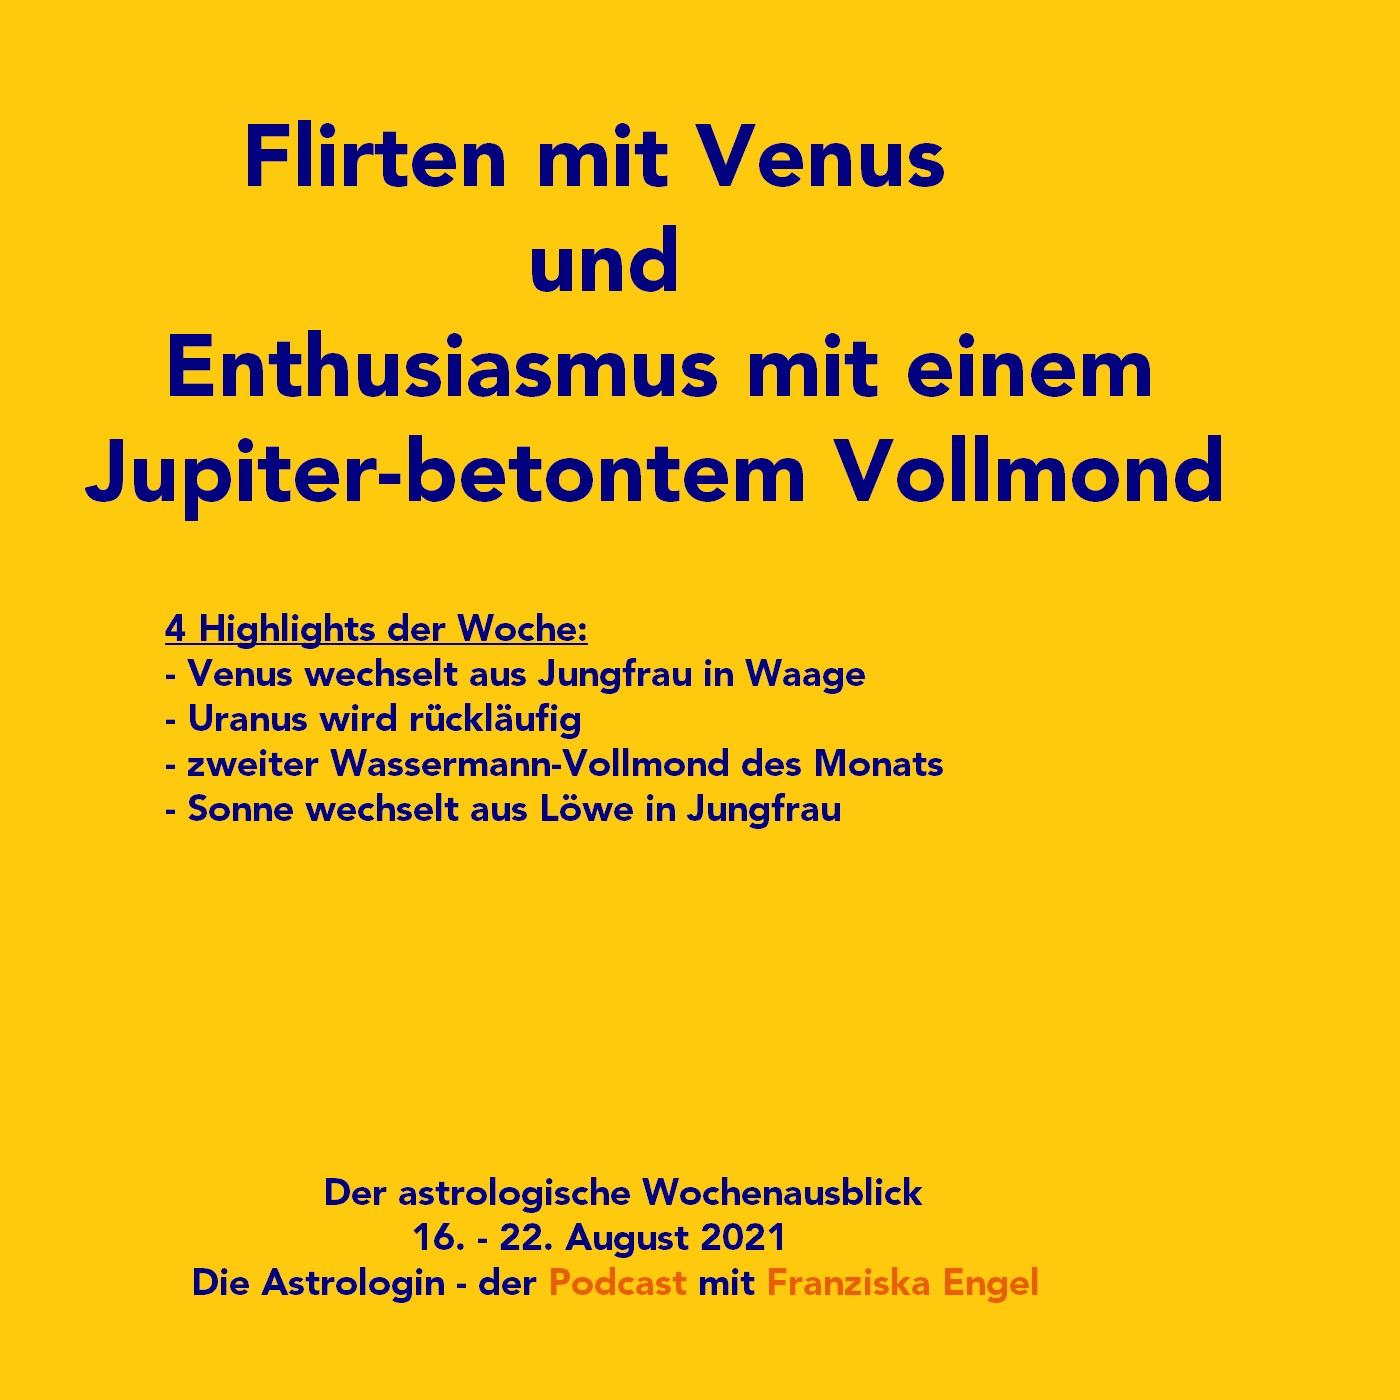 Flirten mit Venus und Enthusiasmus mit Jupiter-betontem Vollmond